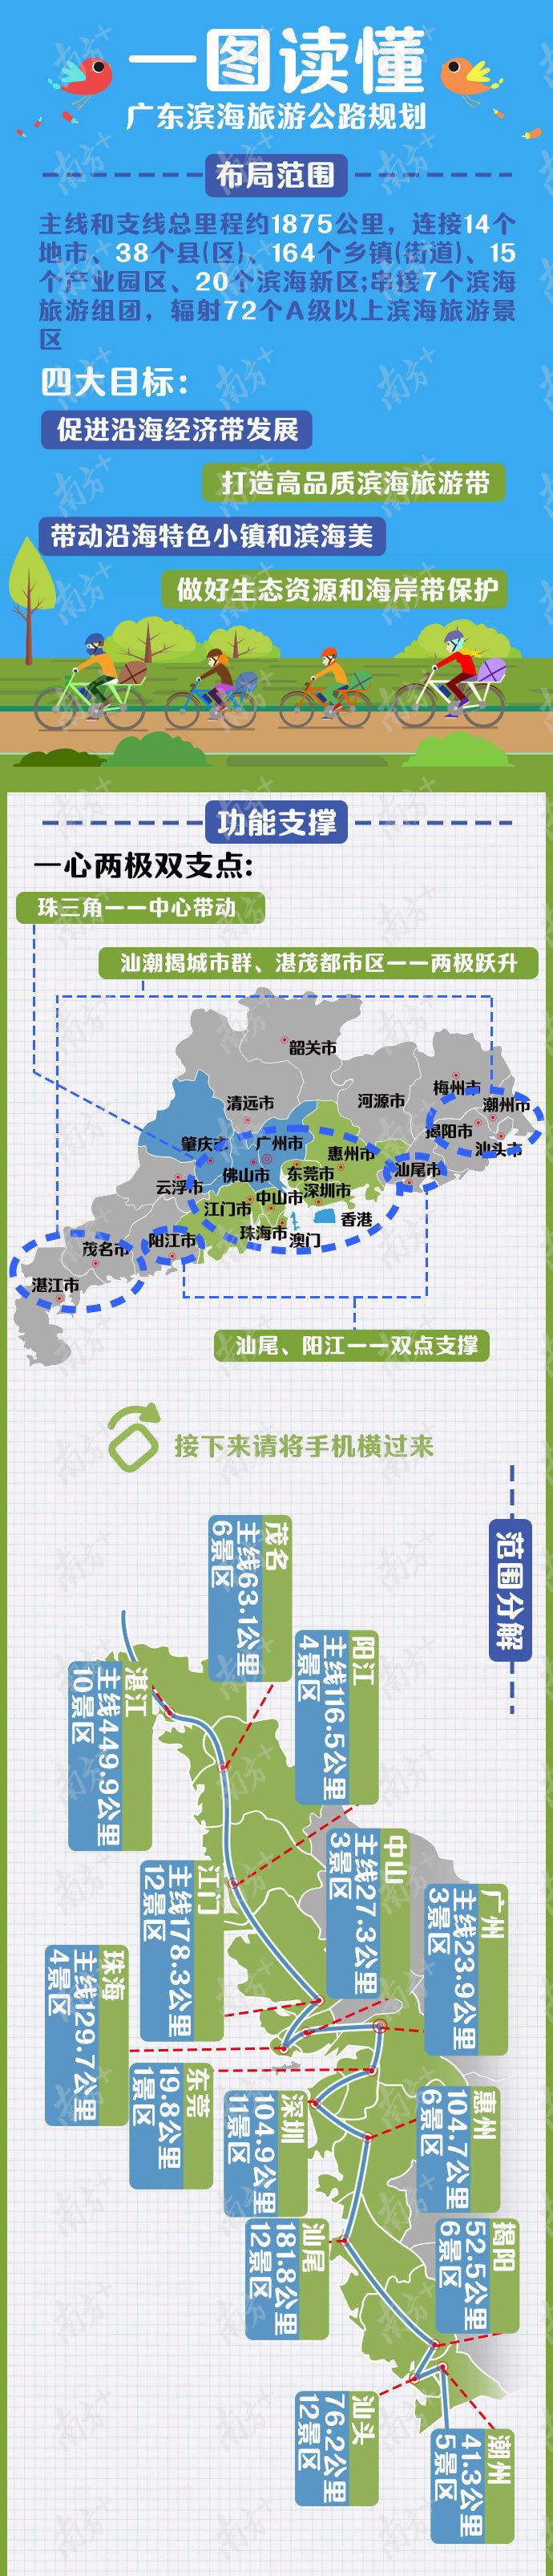 正式定了!1875公里全球最长滨海旅游公路广东后年全面开建